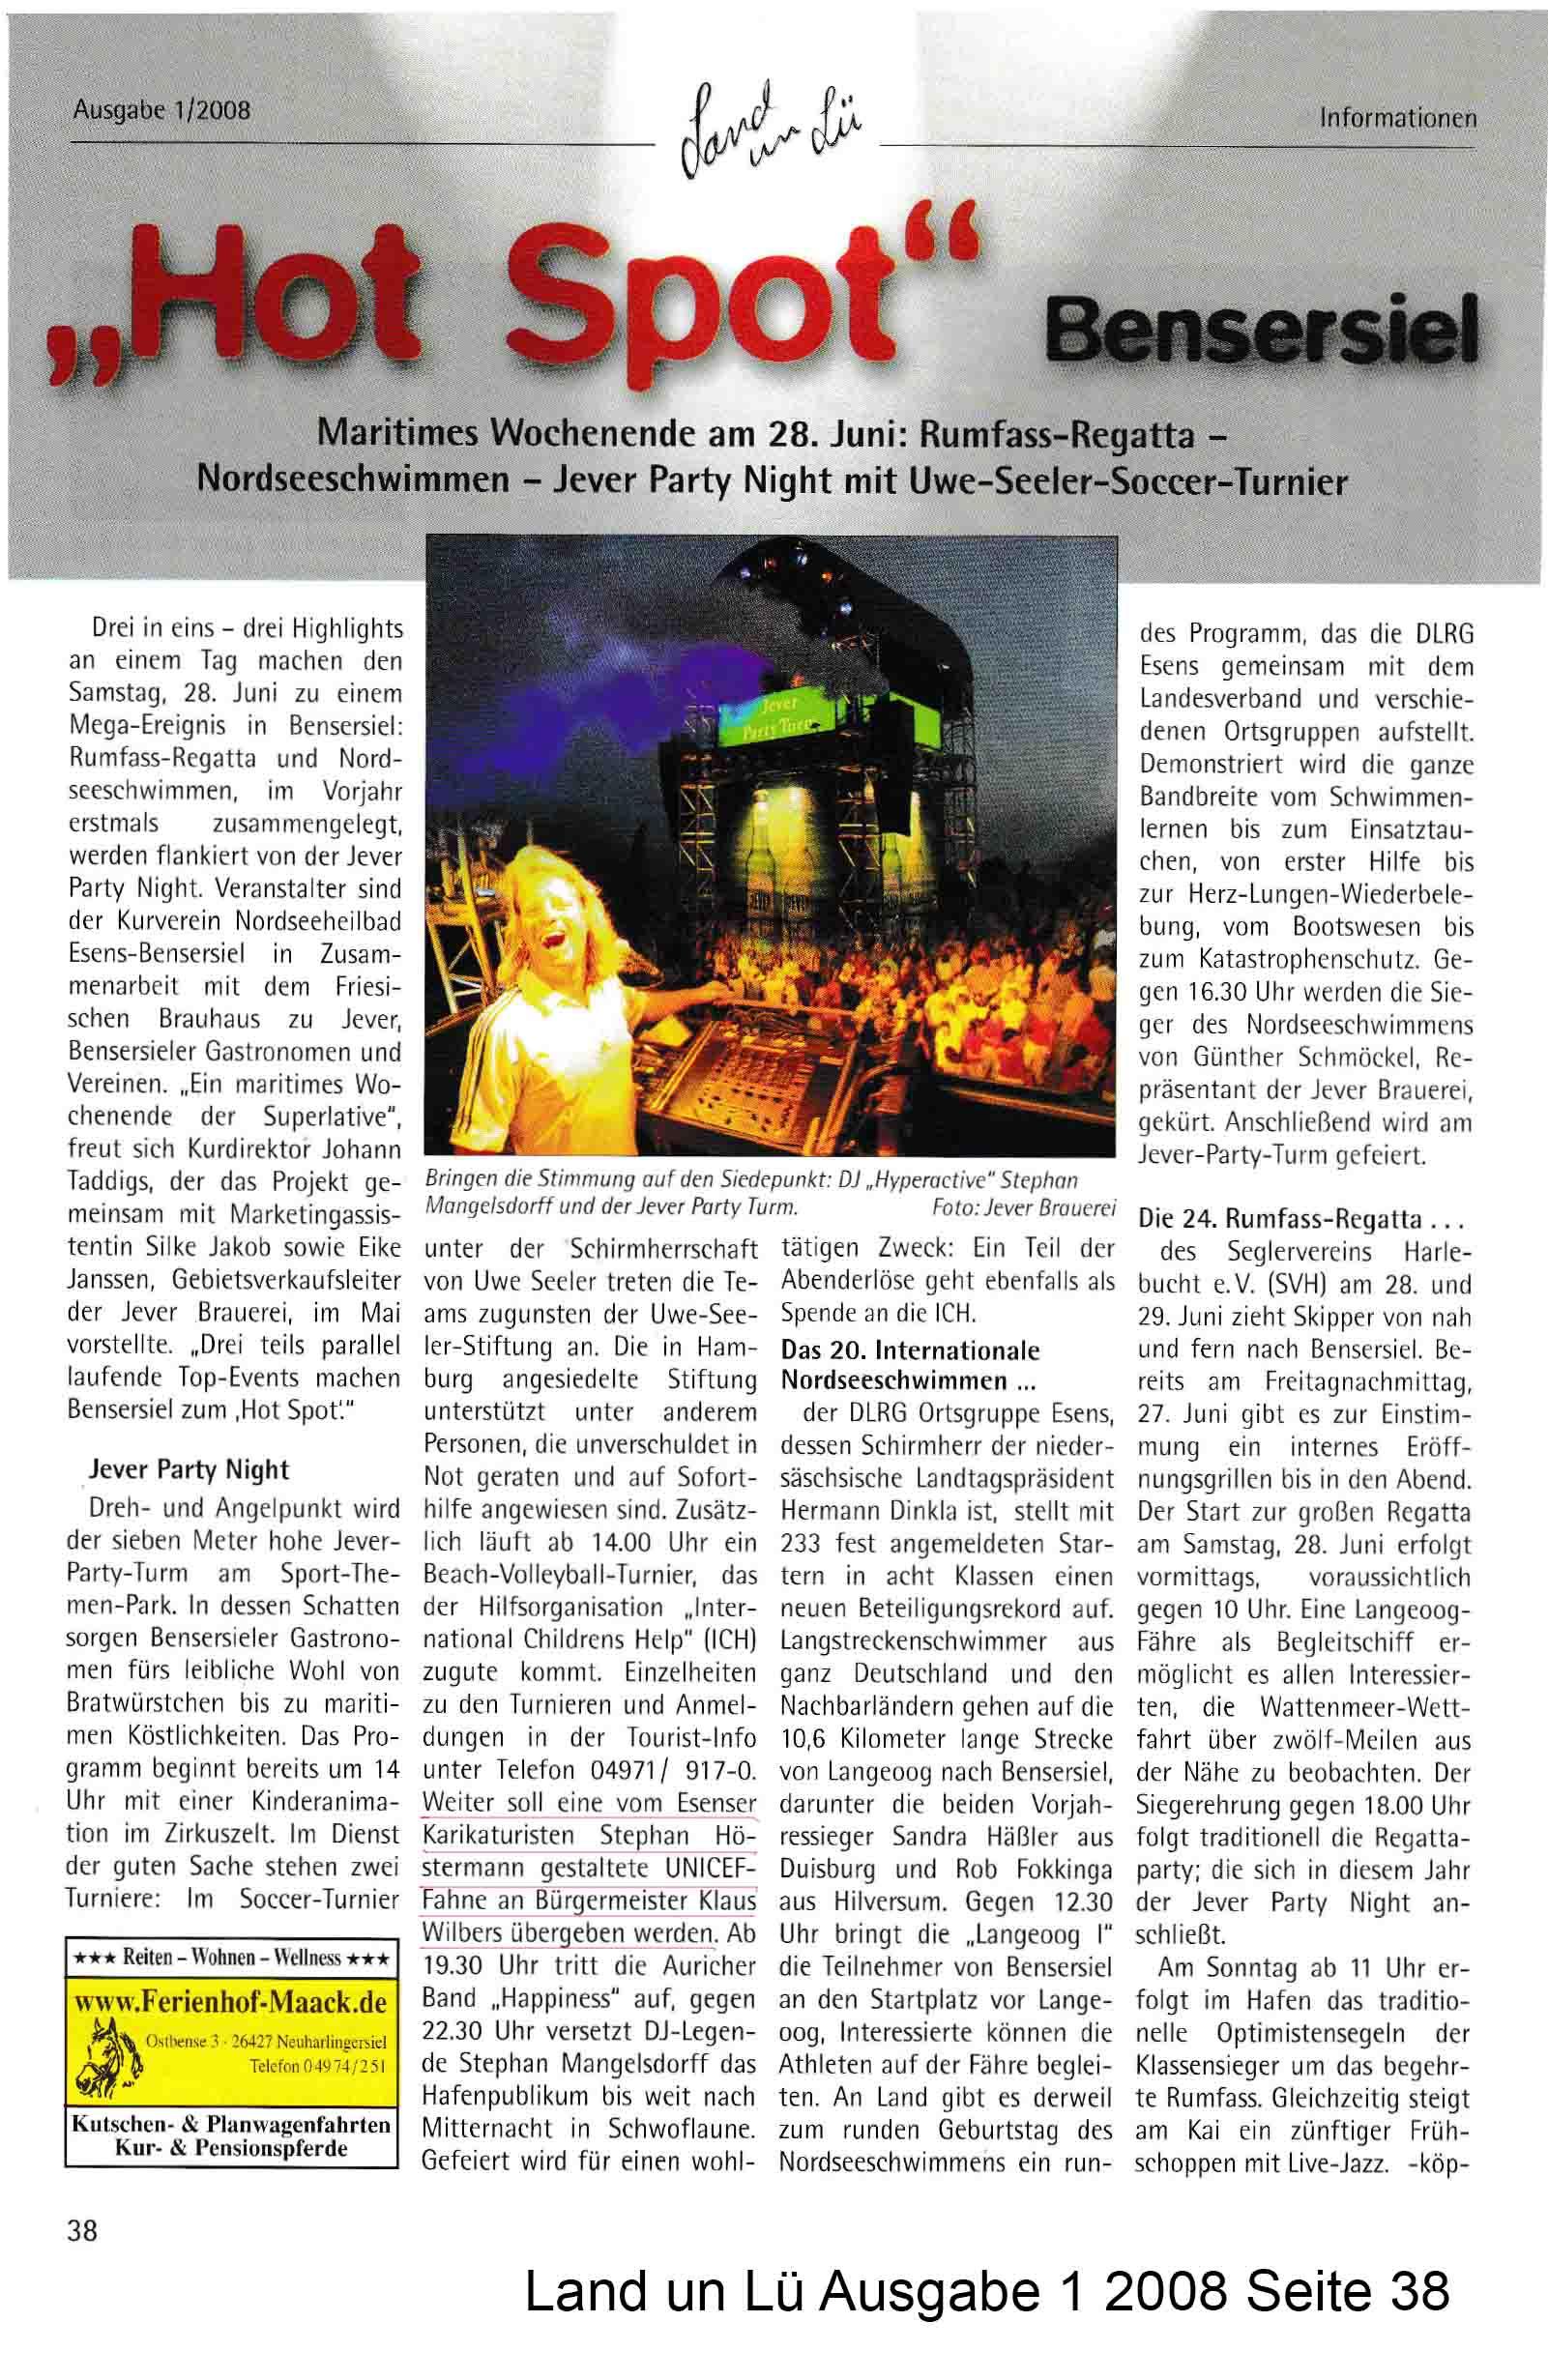 Land un Lü Ausgabe 1 2008 Seite 38